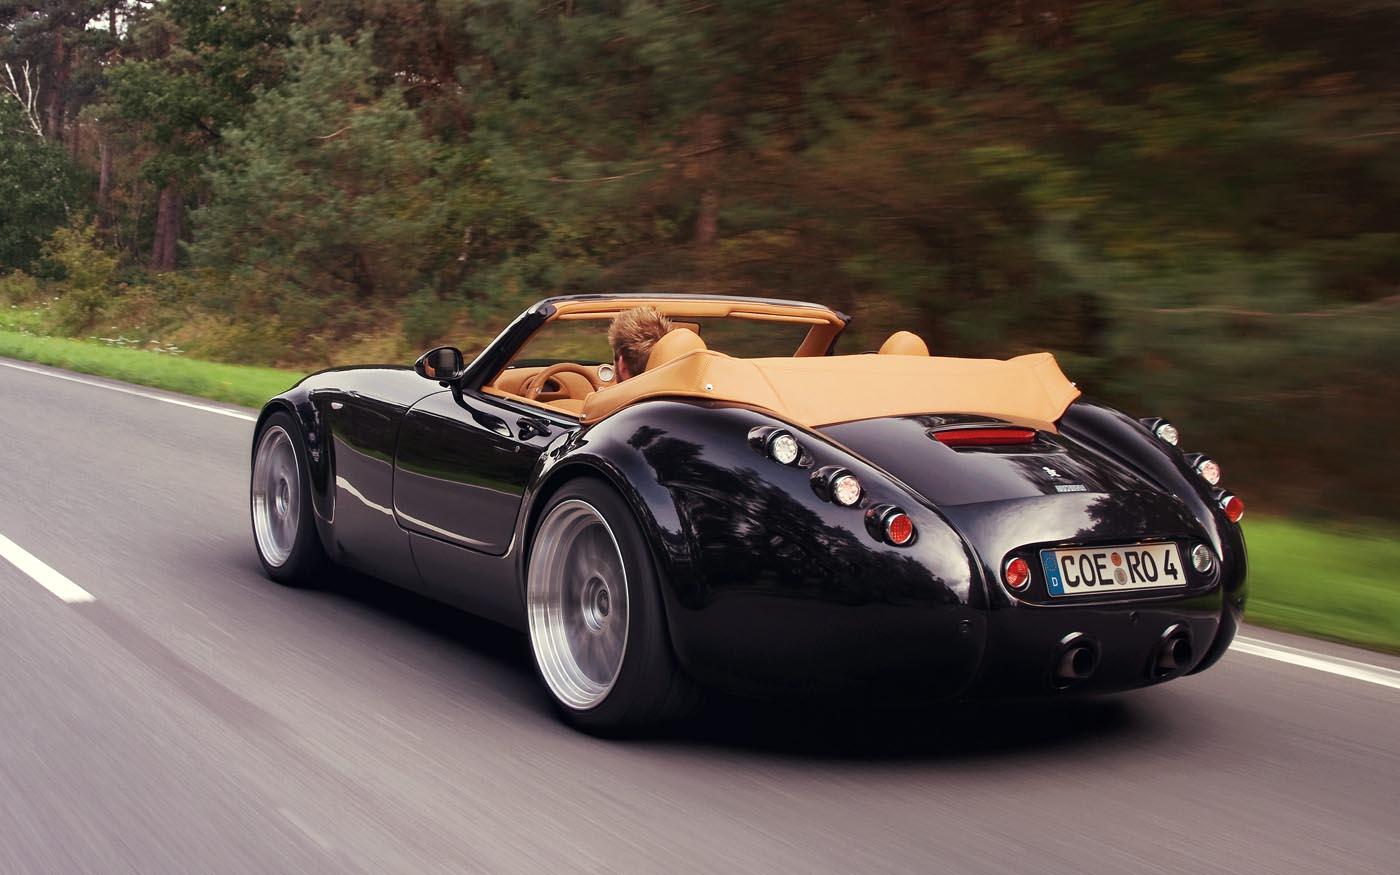 2010 WIESMANN MF4 Roadster